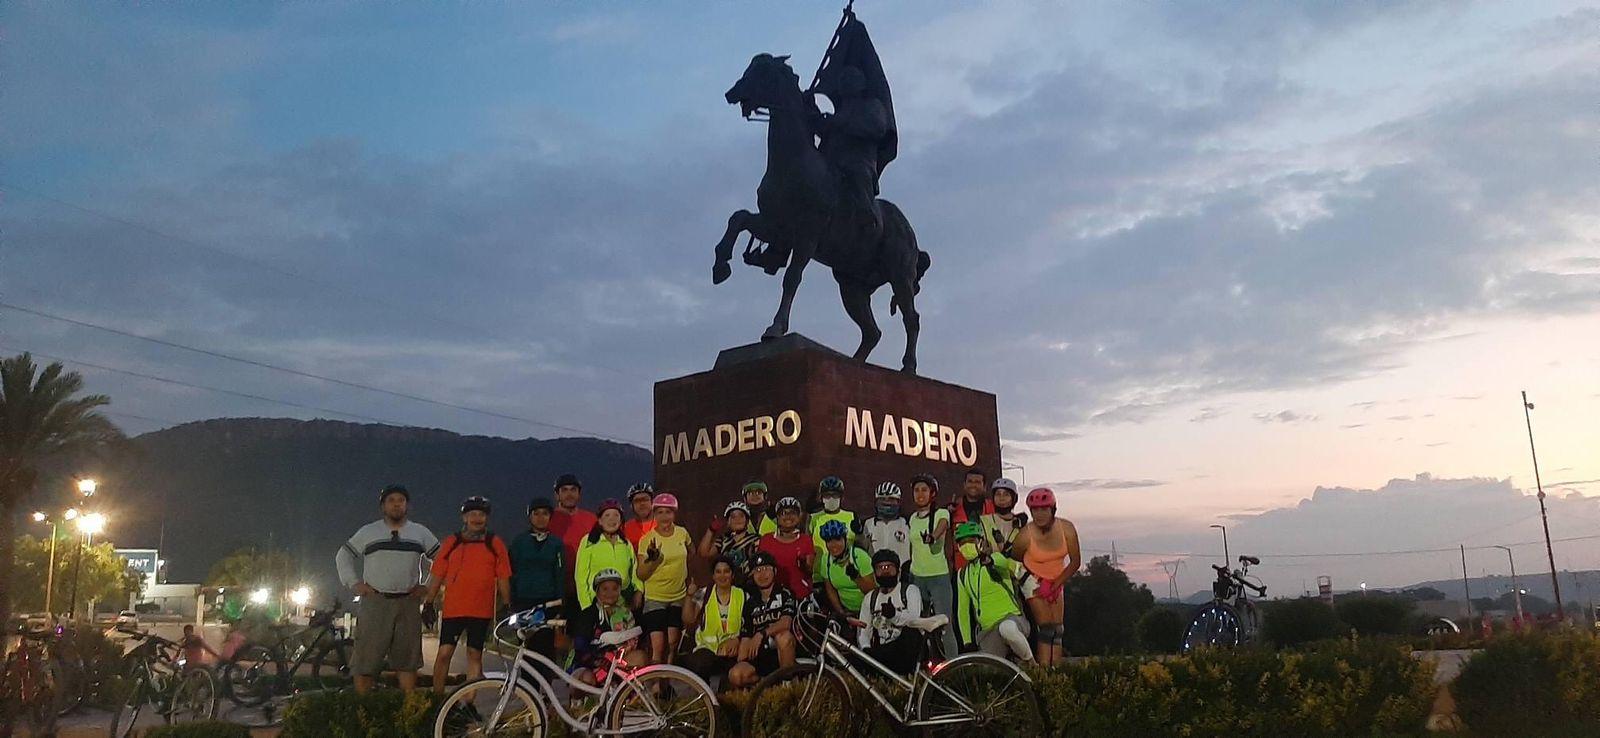 Entre el 26 y el 30 de julio, grupos de ciclistas de la ciudad organizarán rodadas con diferentes niveles de dificultad.